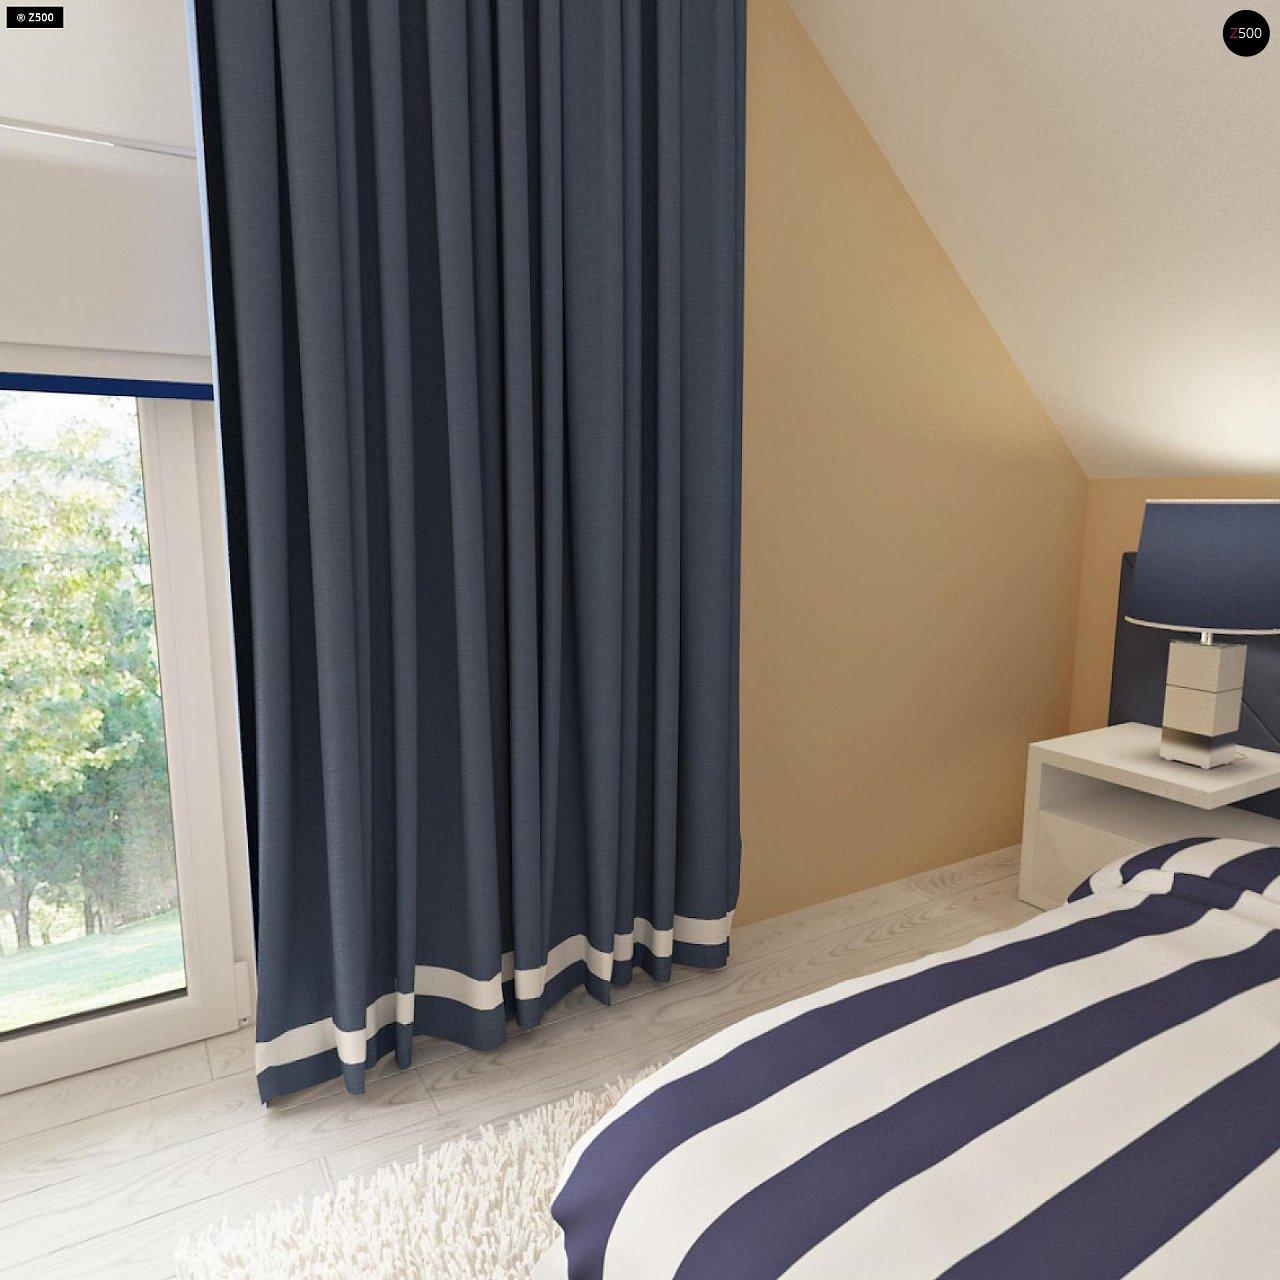 Дом с мансардным этажом, адаптированный для сейсмоопасных регионов. 17